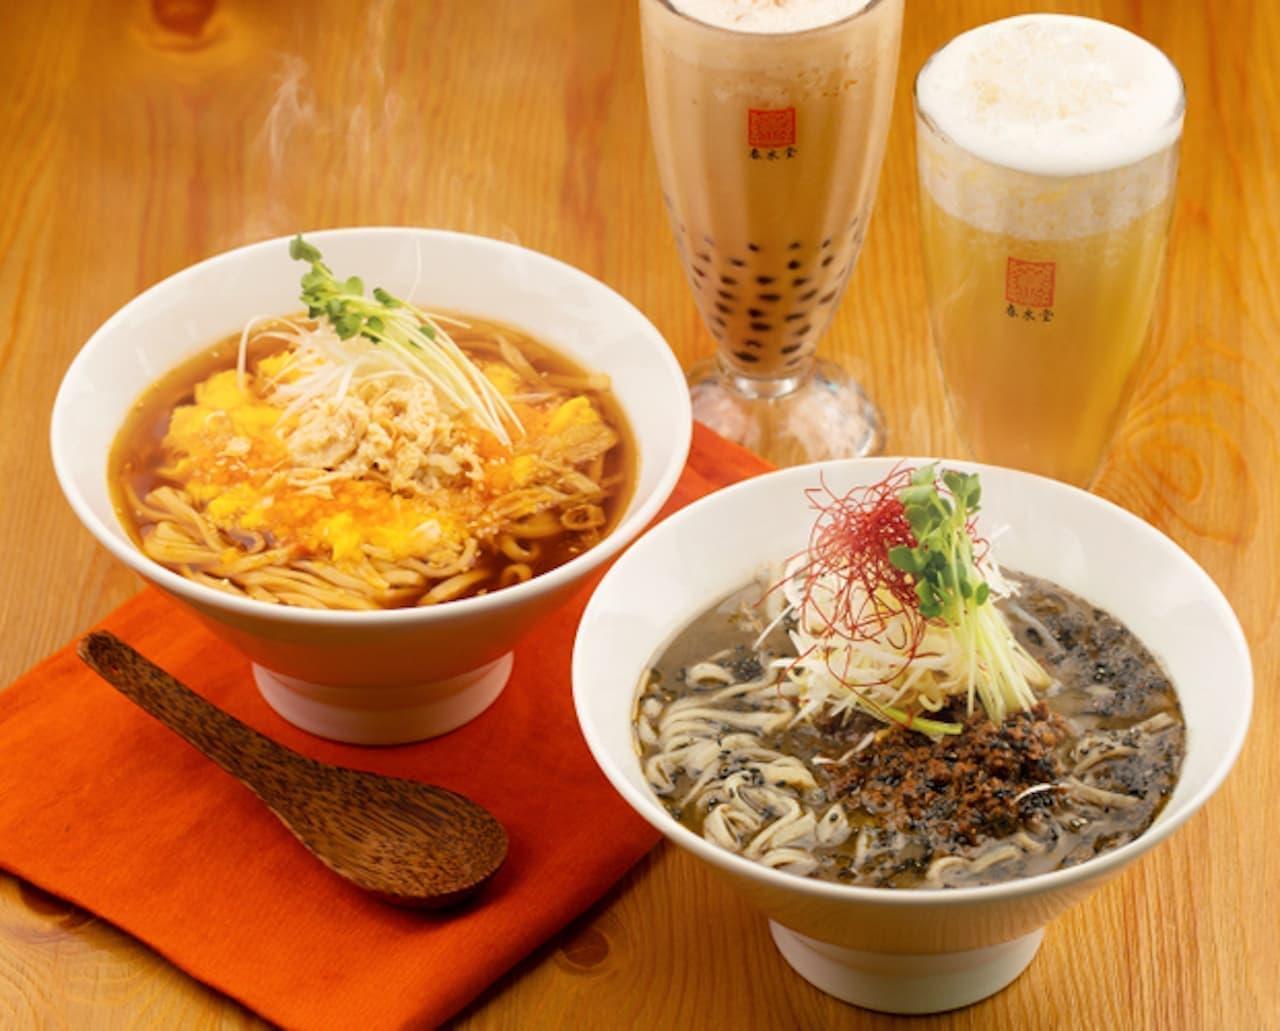 春水堂「黒胡麻担々麺」&「鶏と生姜の酸辣湯麺」期間限定で